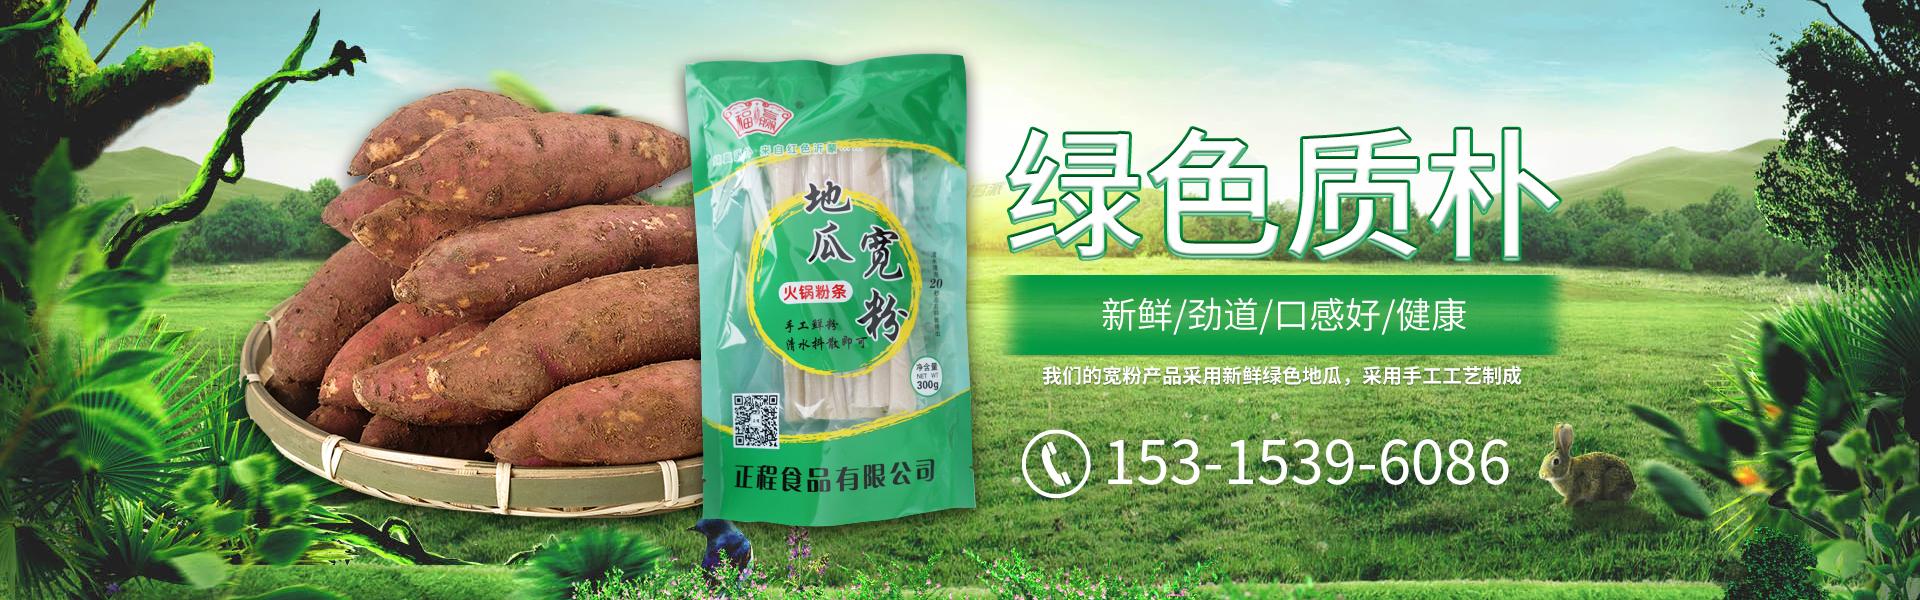 红薯粉生产厂家,火锅宽粉,山东绿豆粉条,宽粉生产厂家